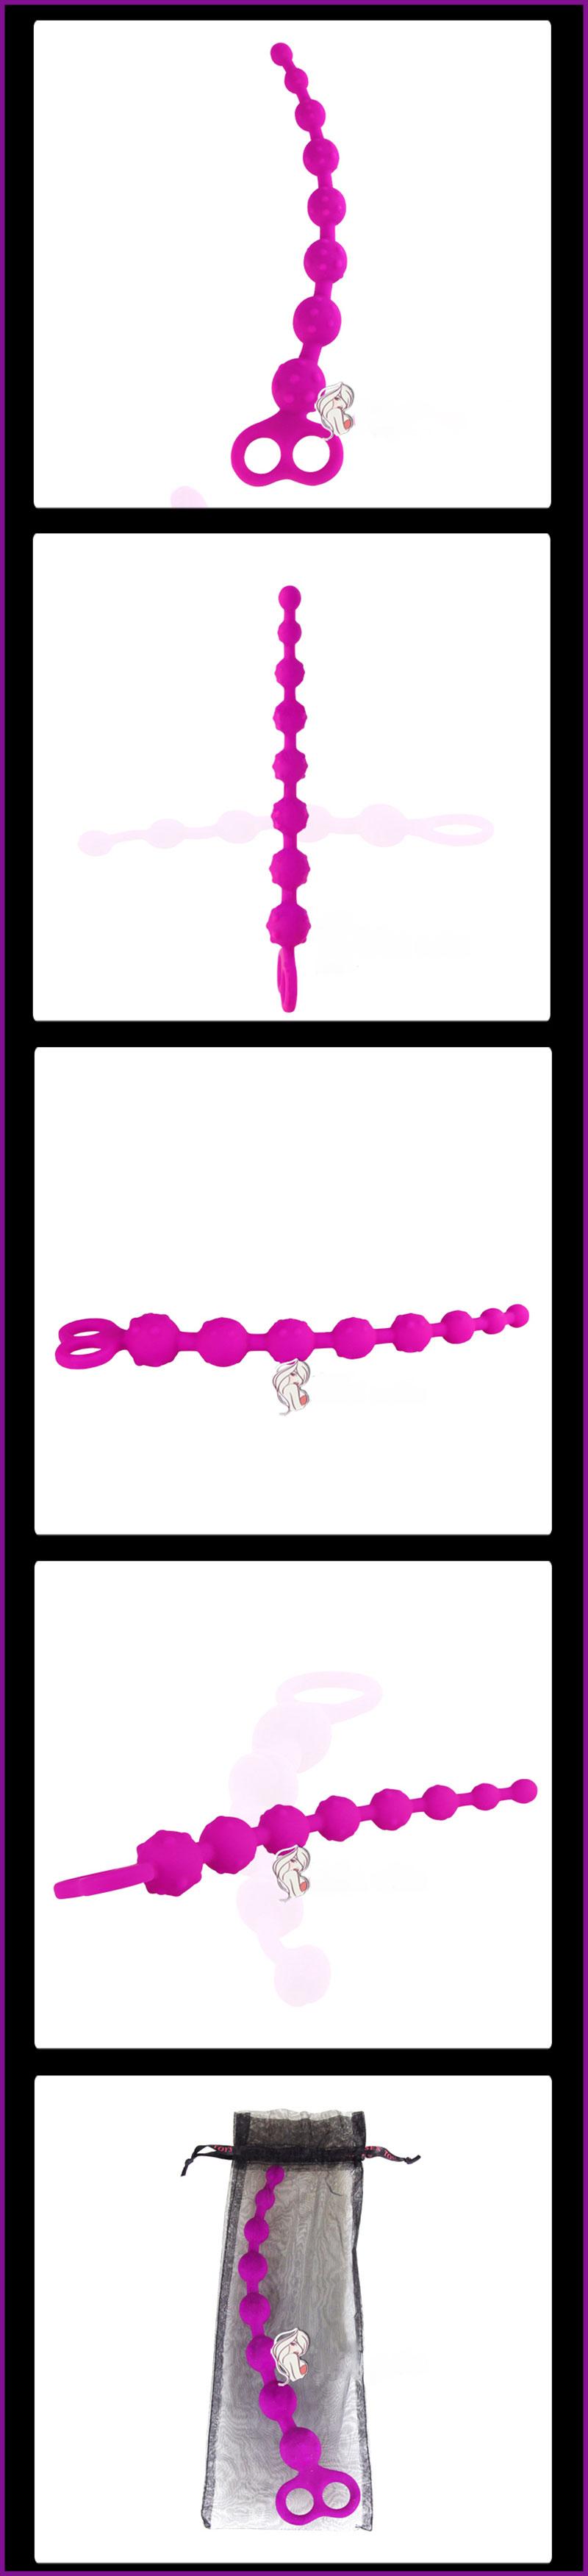 Sextoy matxa hậu môn, hạt dây, bi nổi mềm 4